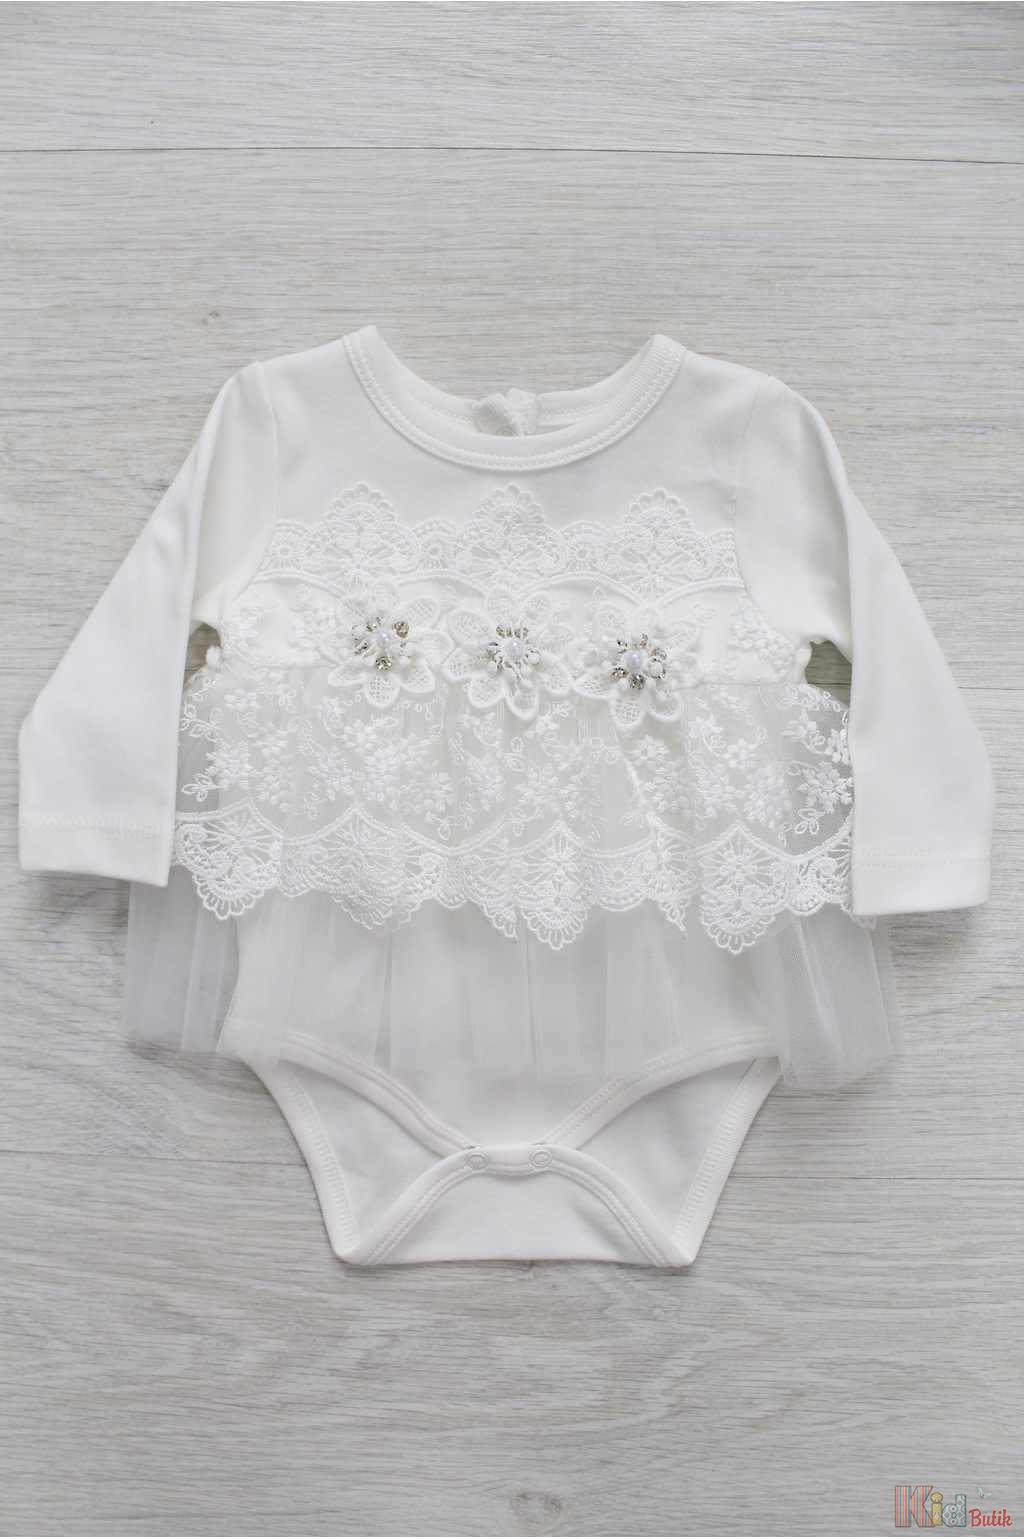 05b5c2eebb13bc ᐈ Боді з довгим рукавом для новонароджених ᐈ Купити в інтернет магазині  KidButik™ ➔ Вигідна ціна!